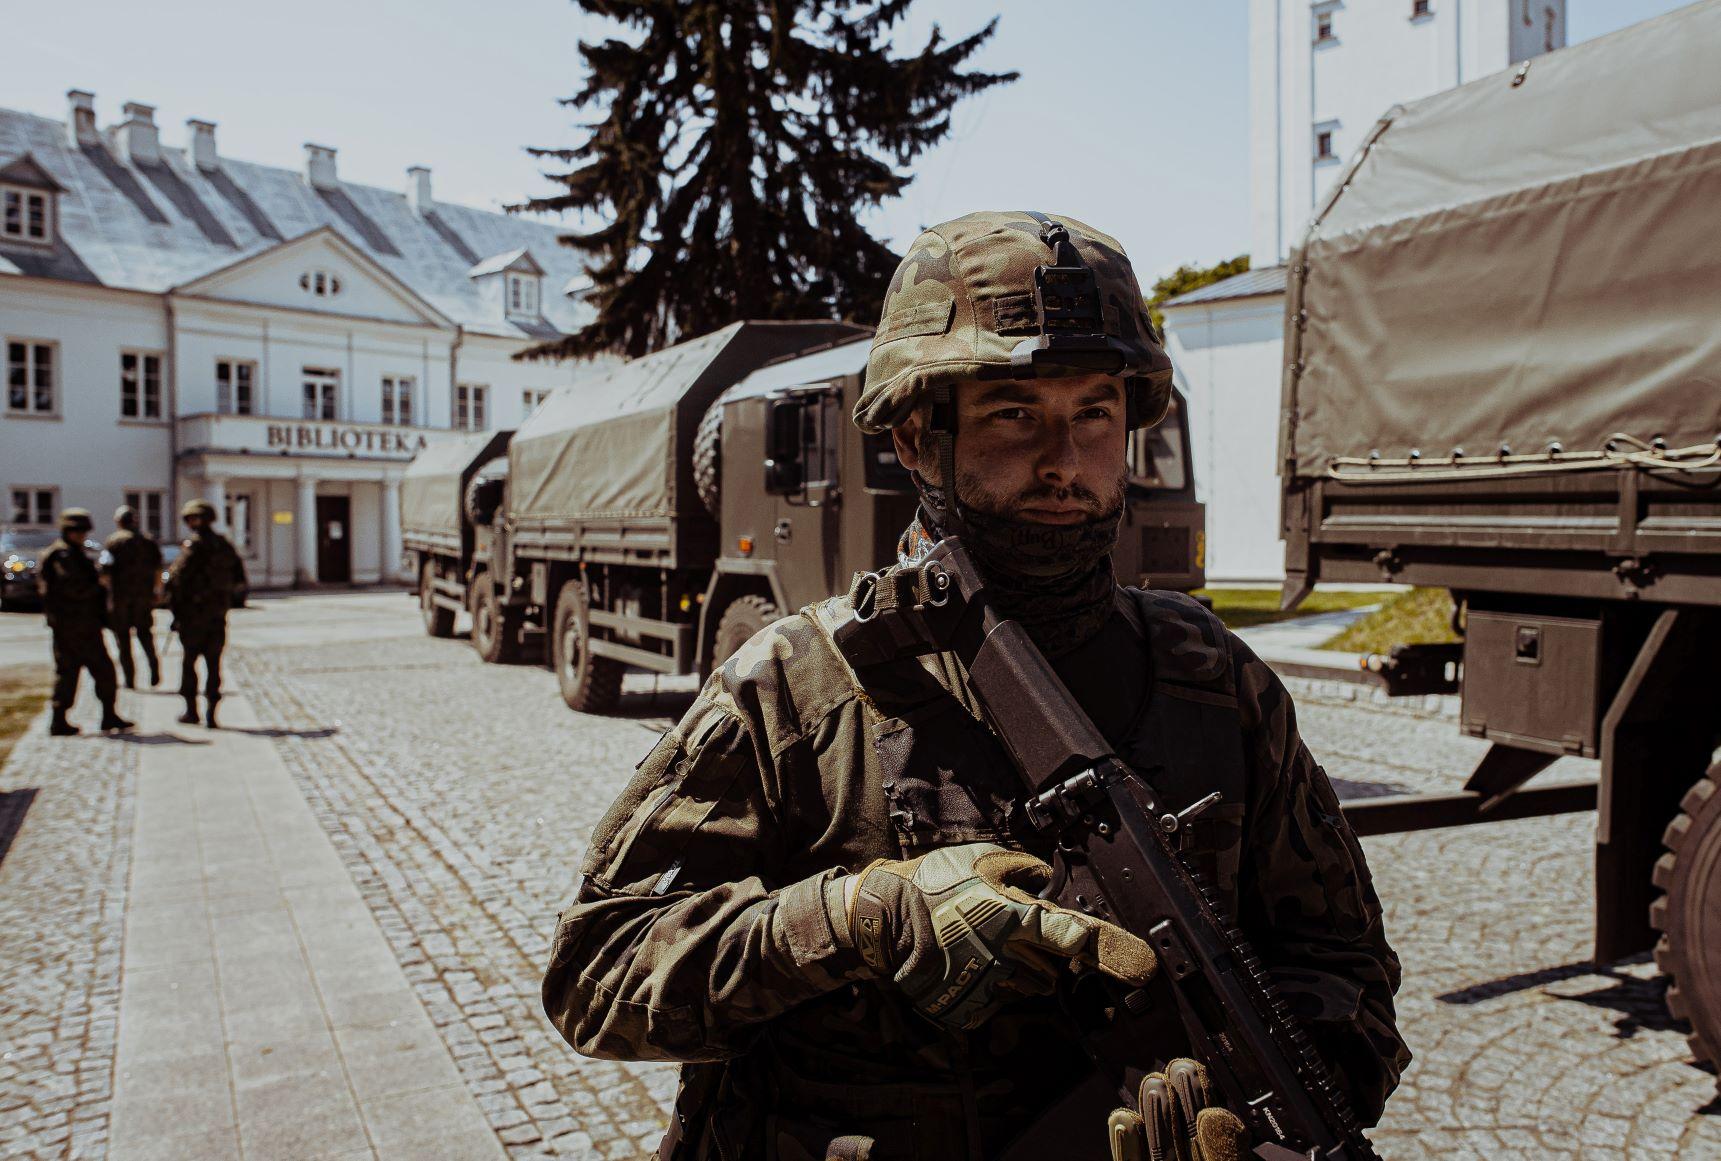 Województwo lubelskie: lubelscy terytorialsi na ćwiczeniach DRAGON-21 - Zdjęcie główne